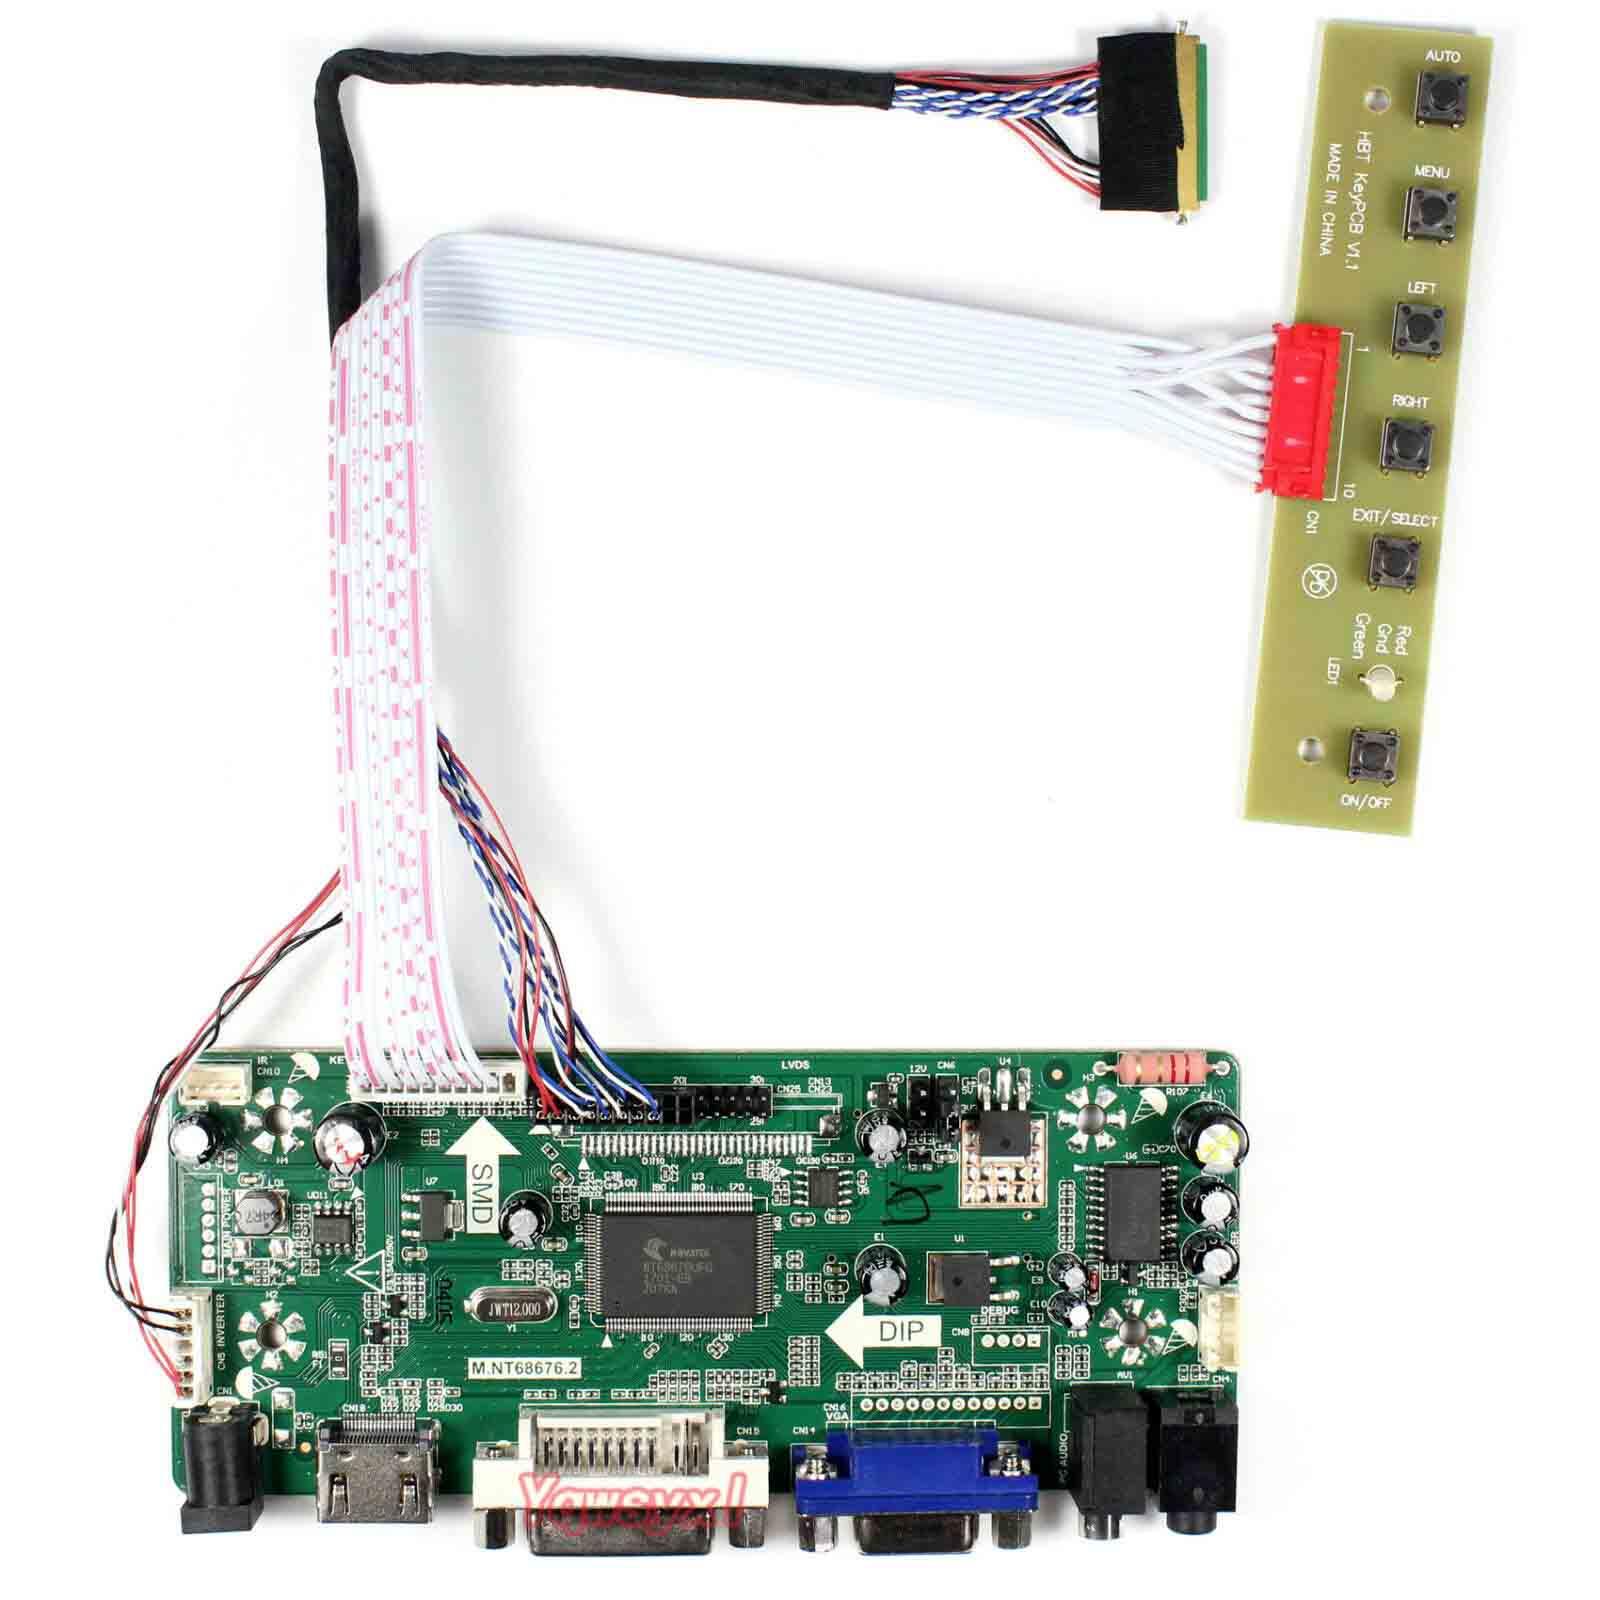 Yqwsyxl Control Board Monitor Kit For N101L6-L0A  N101L6-L01  HDMI+DVI+VGA LCD LED Screen Controller Board Driver